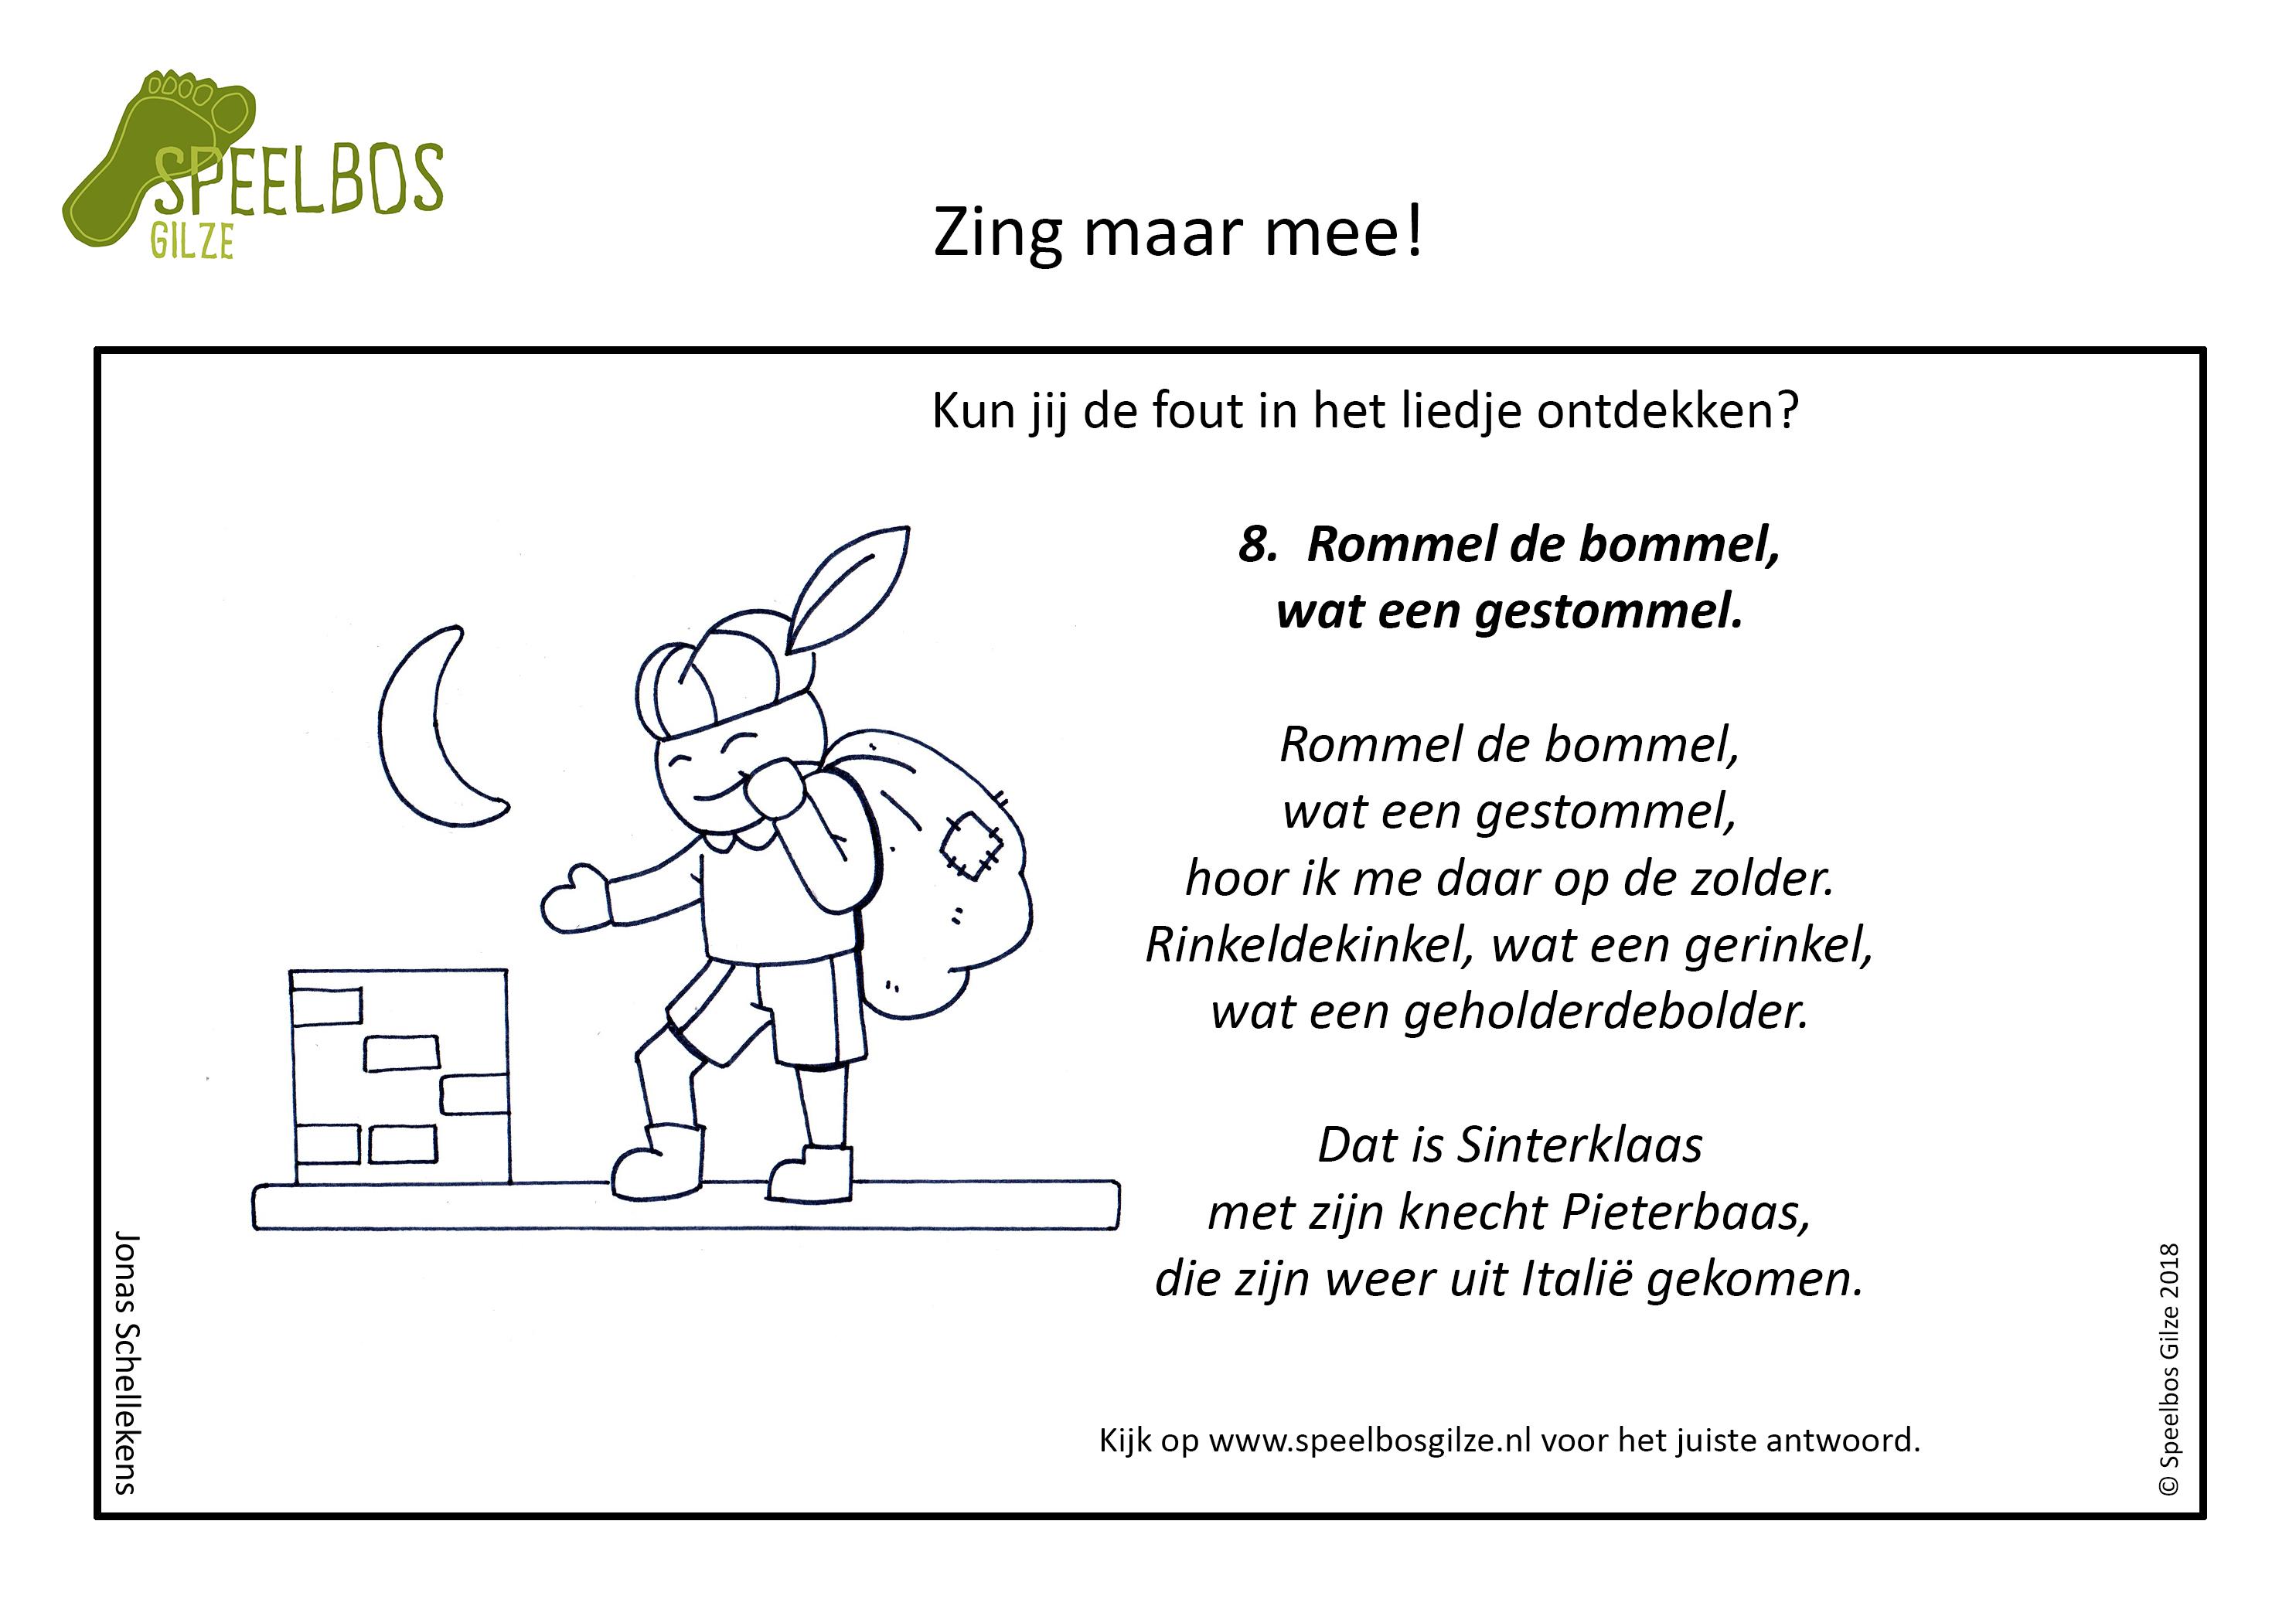 Rommel Bommel Text